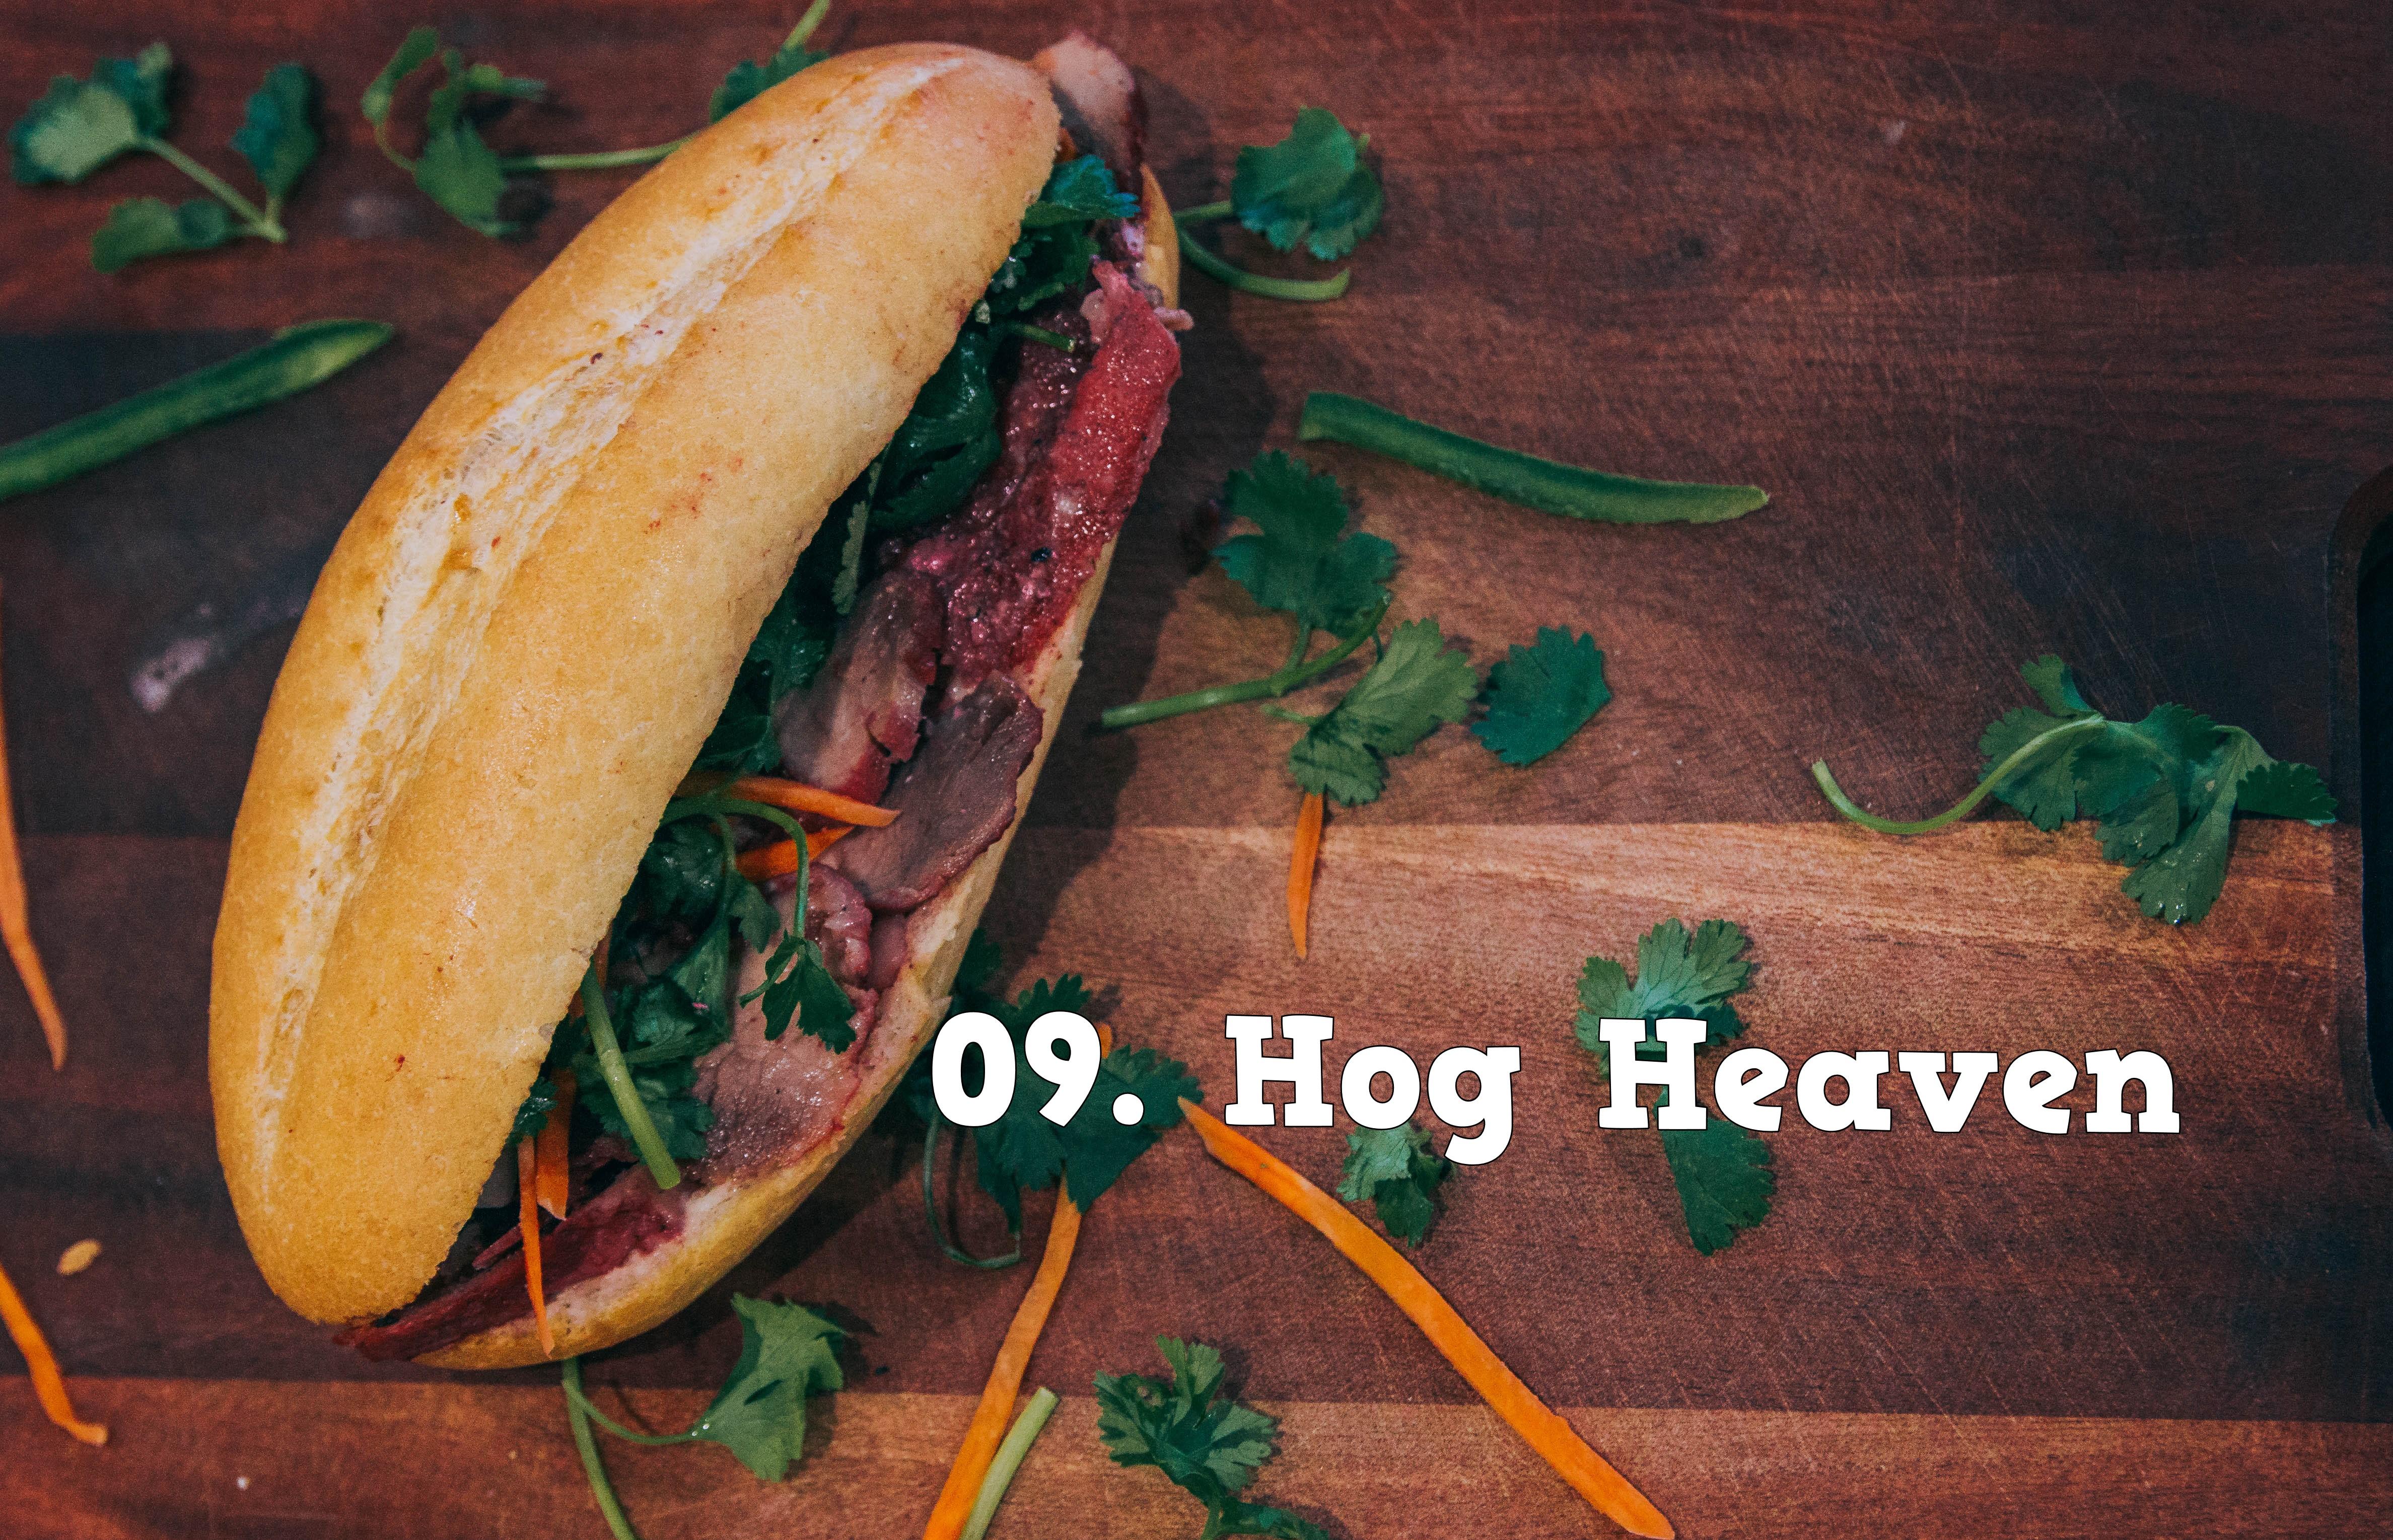 09.Hog Heaven Image